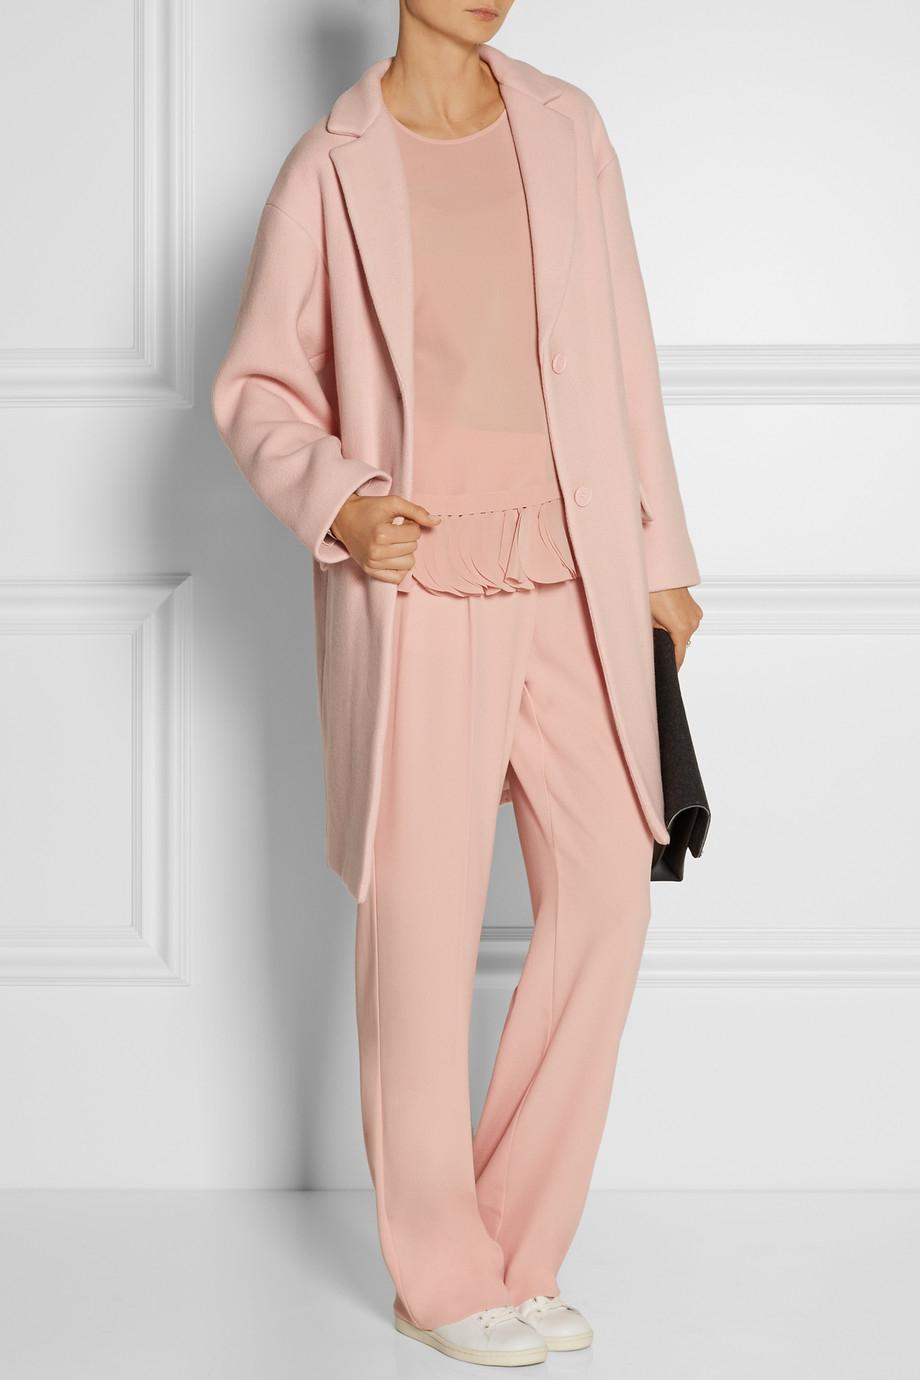 Dkny Oversized Wool-Blend Coat in Pink | Lyst